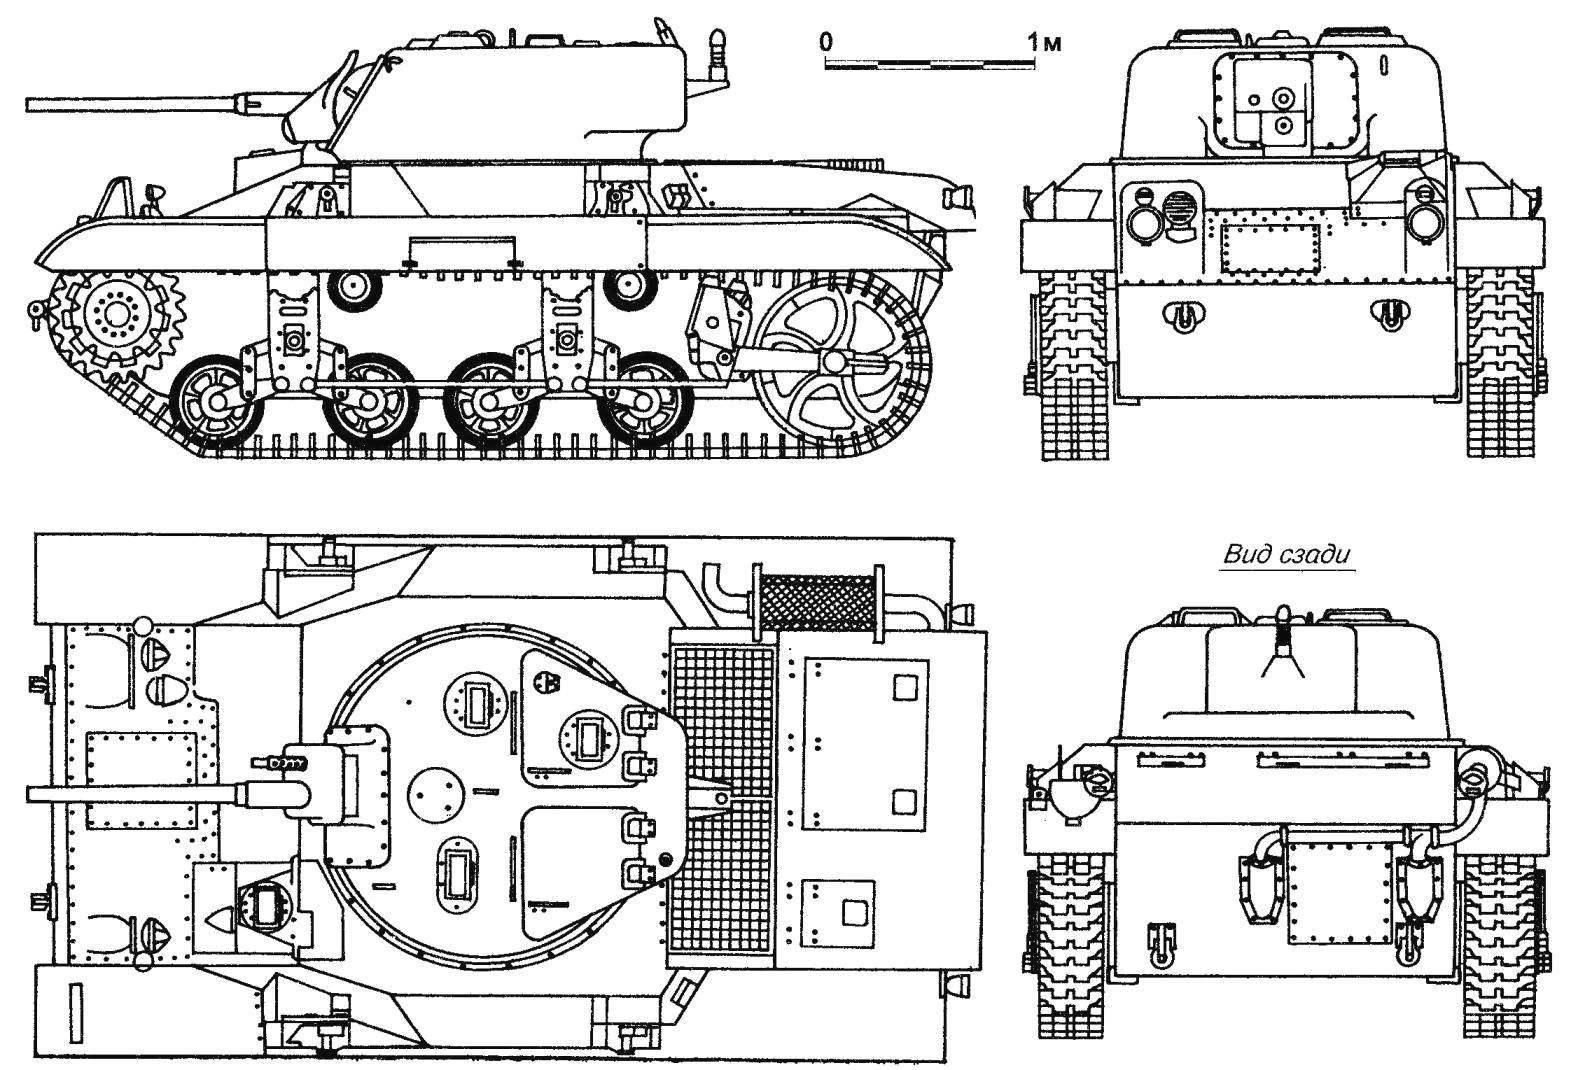 Авиадесантный танк М22